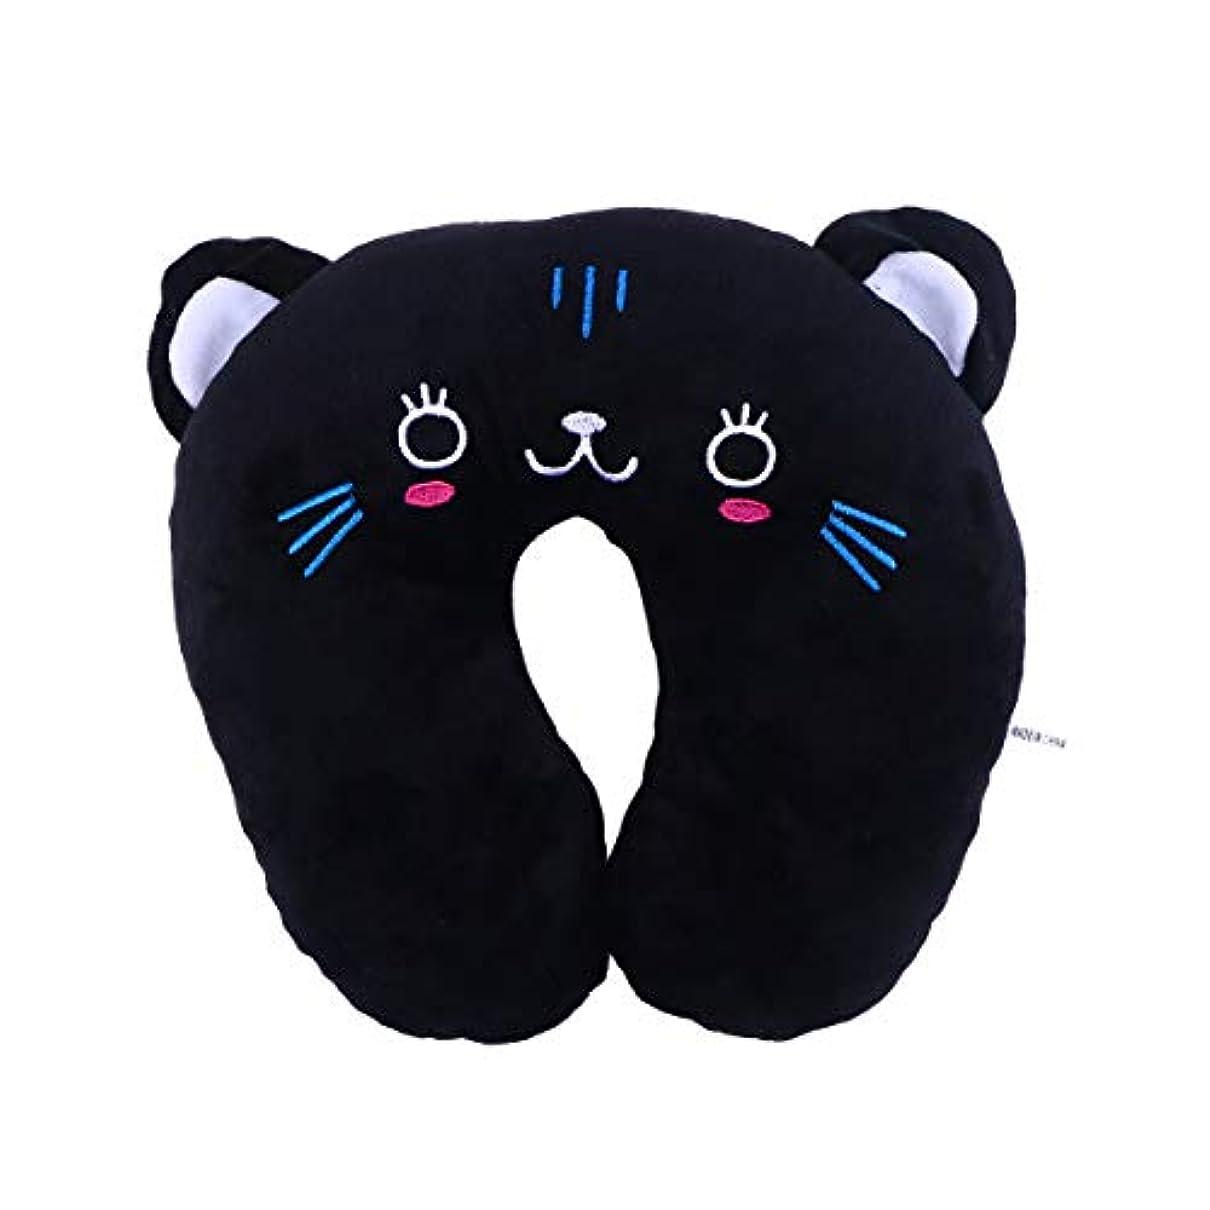 租界位置する落とし穴HEALIFTY 首牽引枕漫画ぬいぐるみU字型枕首サポートクッション旅行枕飛行機のための車(黒猫)